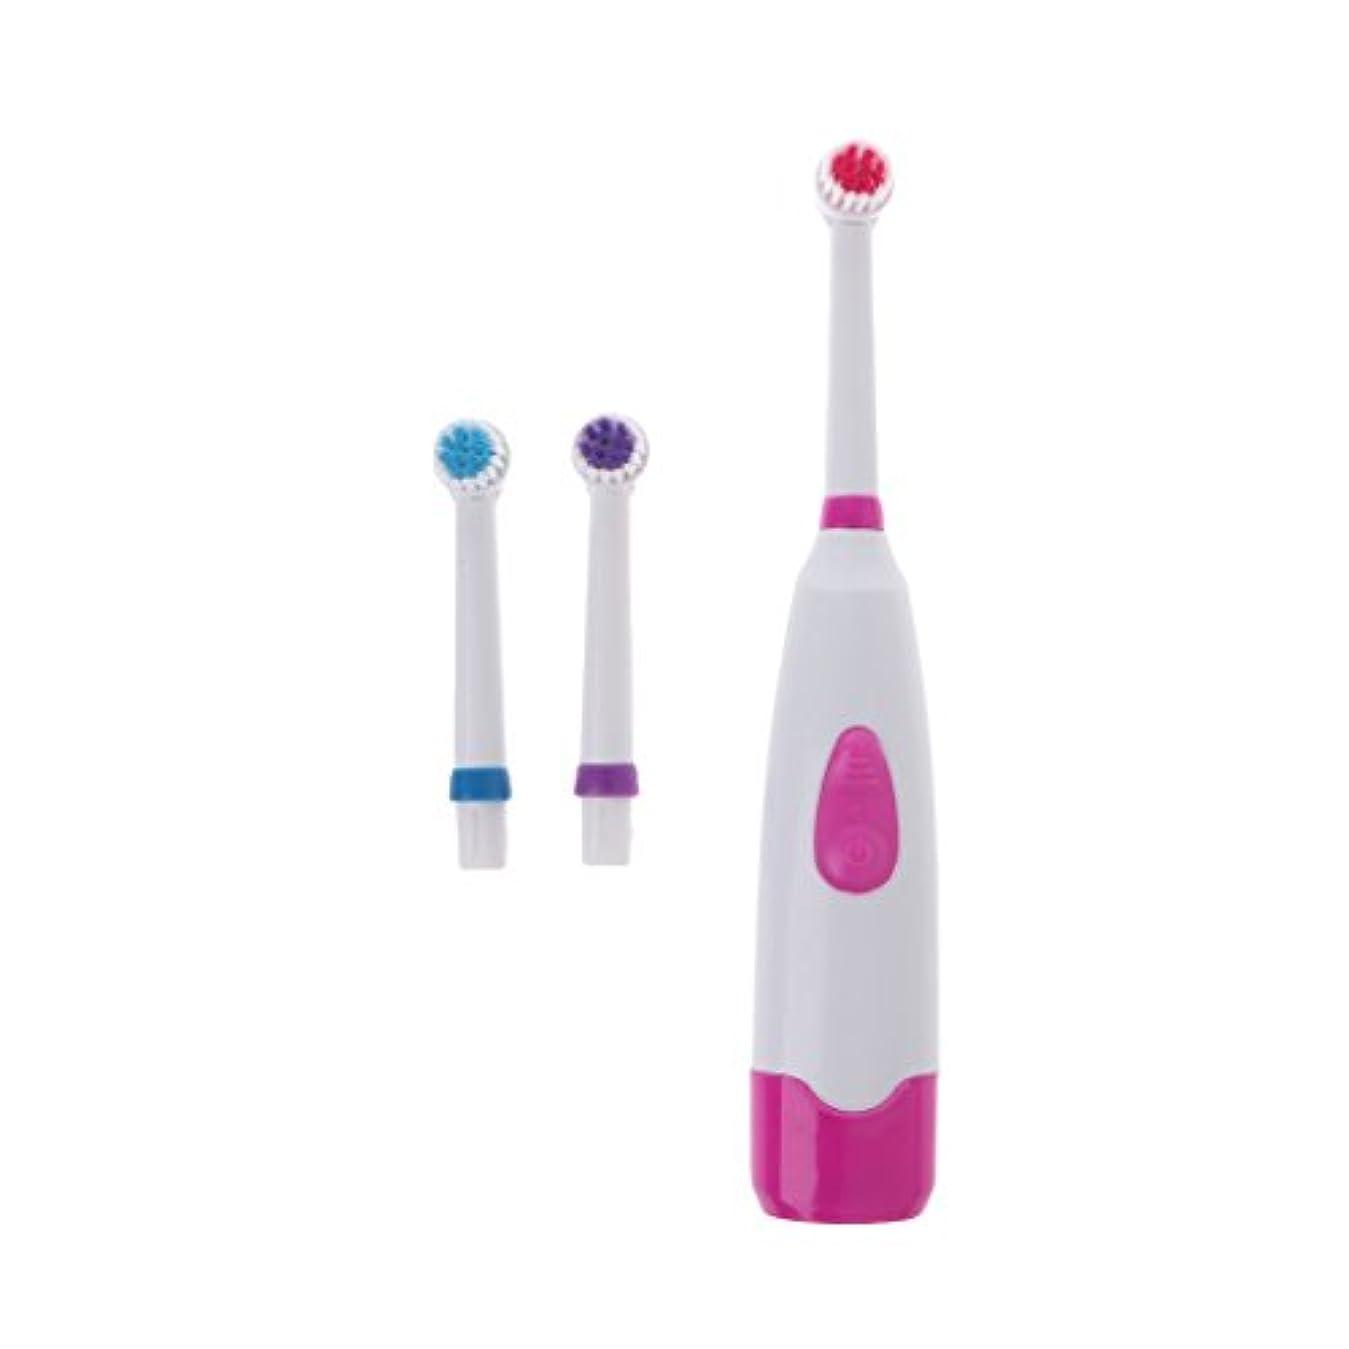 酸度圧倒的爆風Manyao 3ブラシヘッドで防水回転電動歯ブラシ (ピンク)